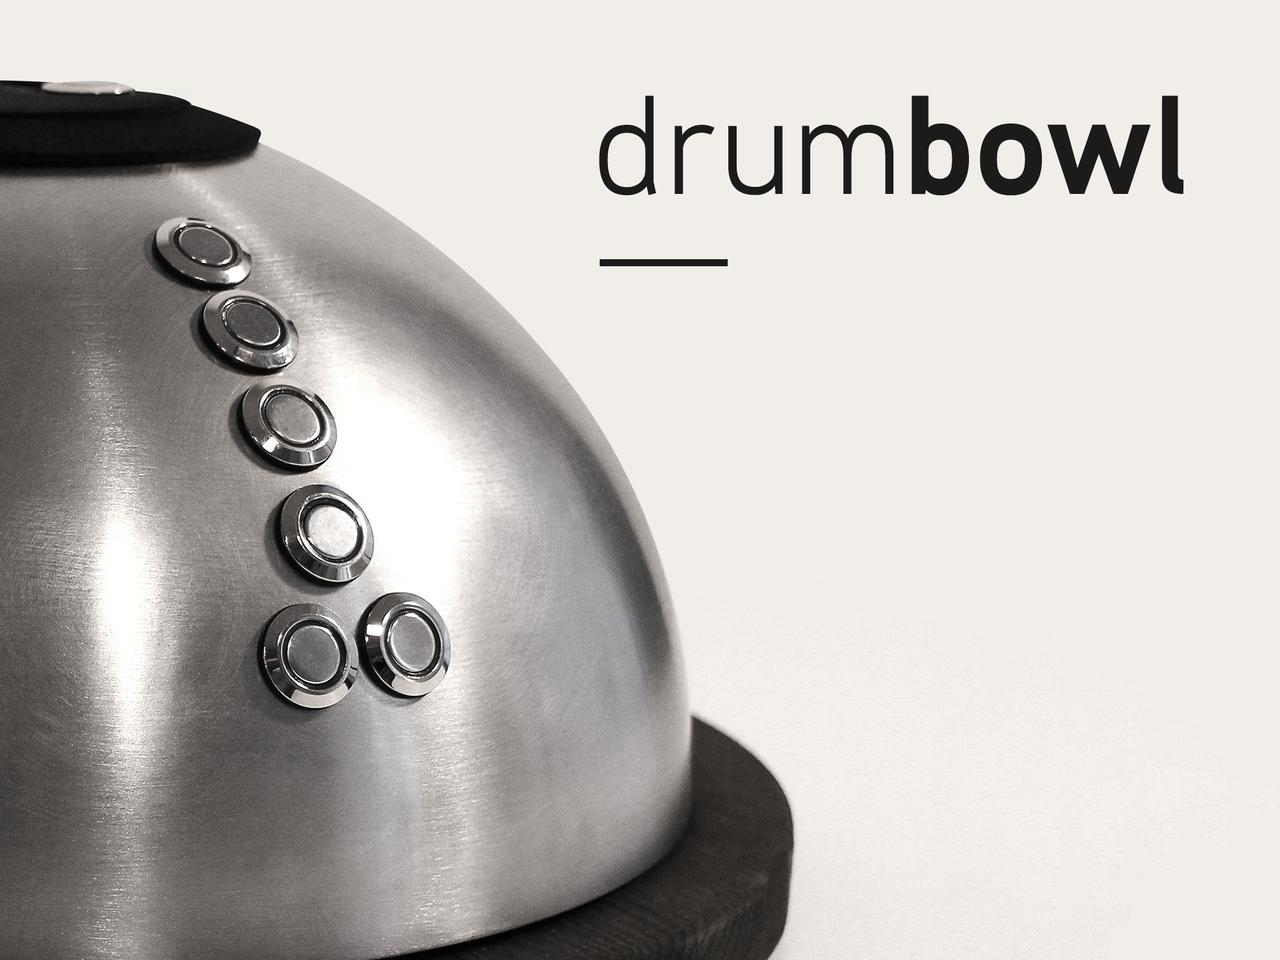 DrumBowl